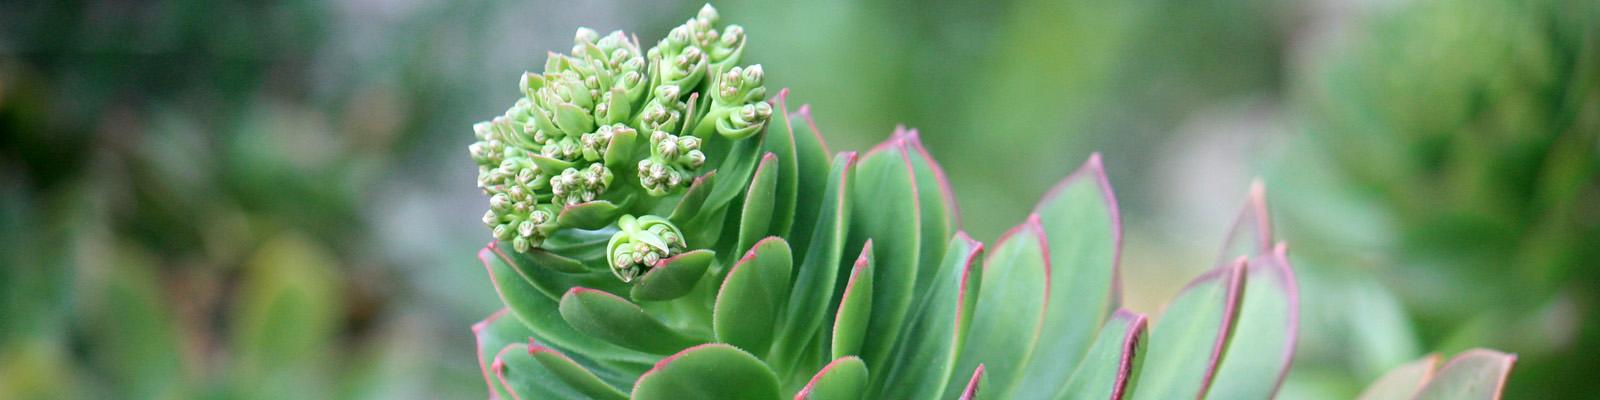 Green Parrot Gardens | Creative Approach | Succulents